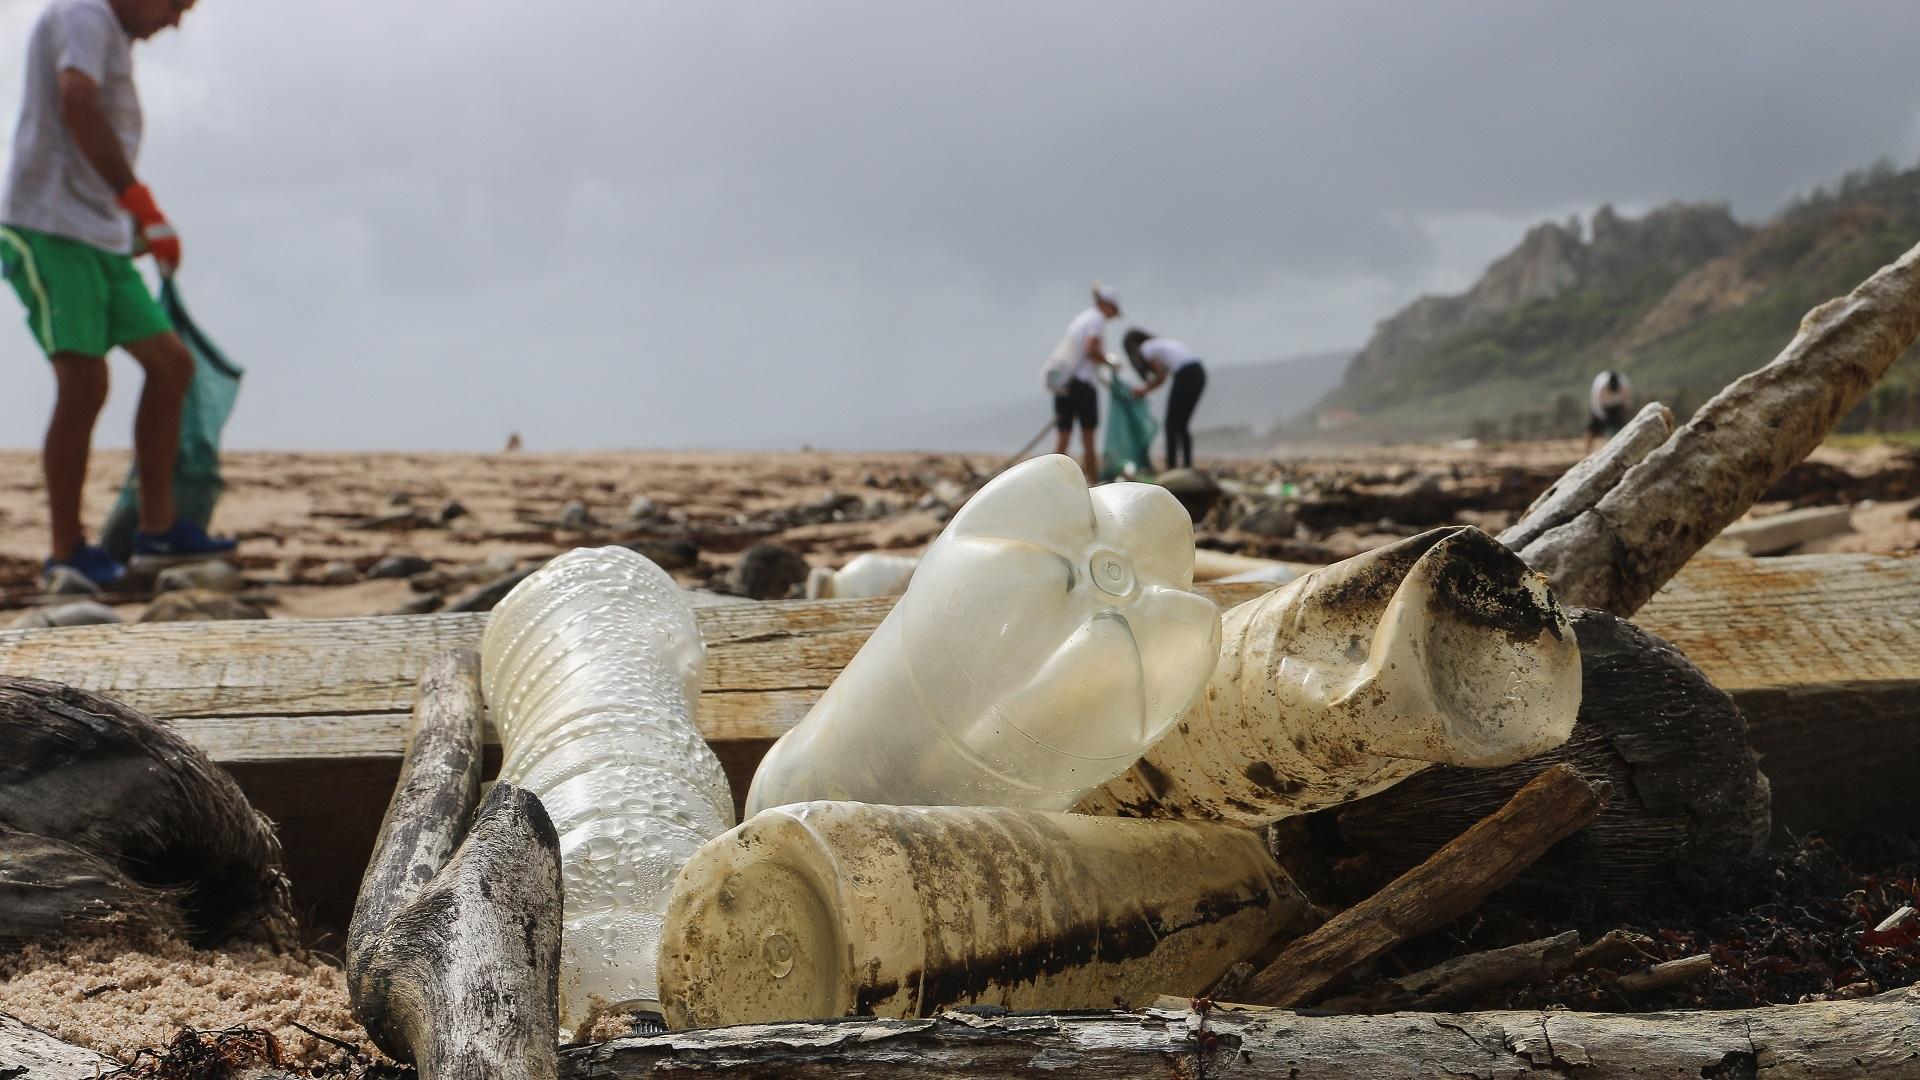 Botellas de plástico en playa. Foto de Brian Yurasits / Unsplash